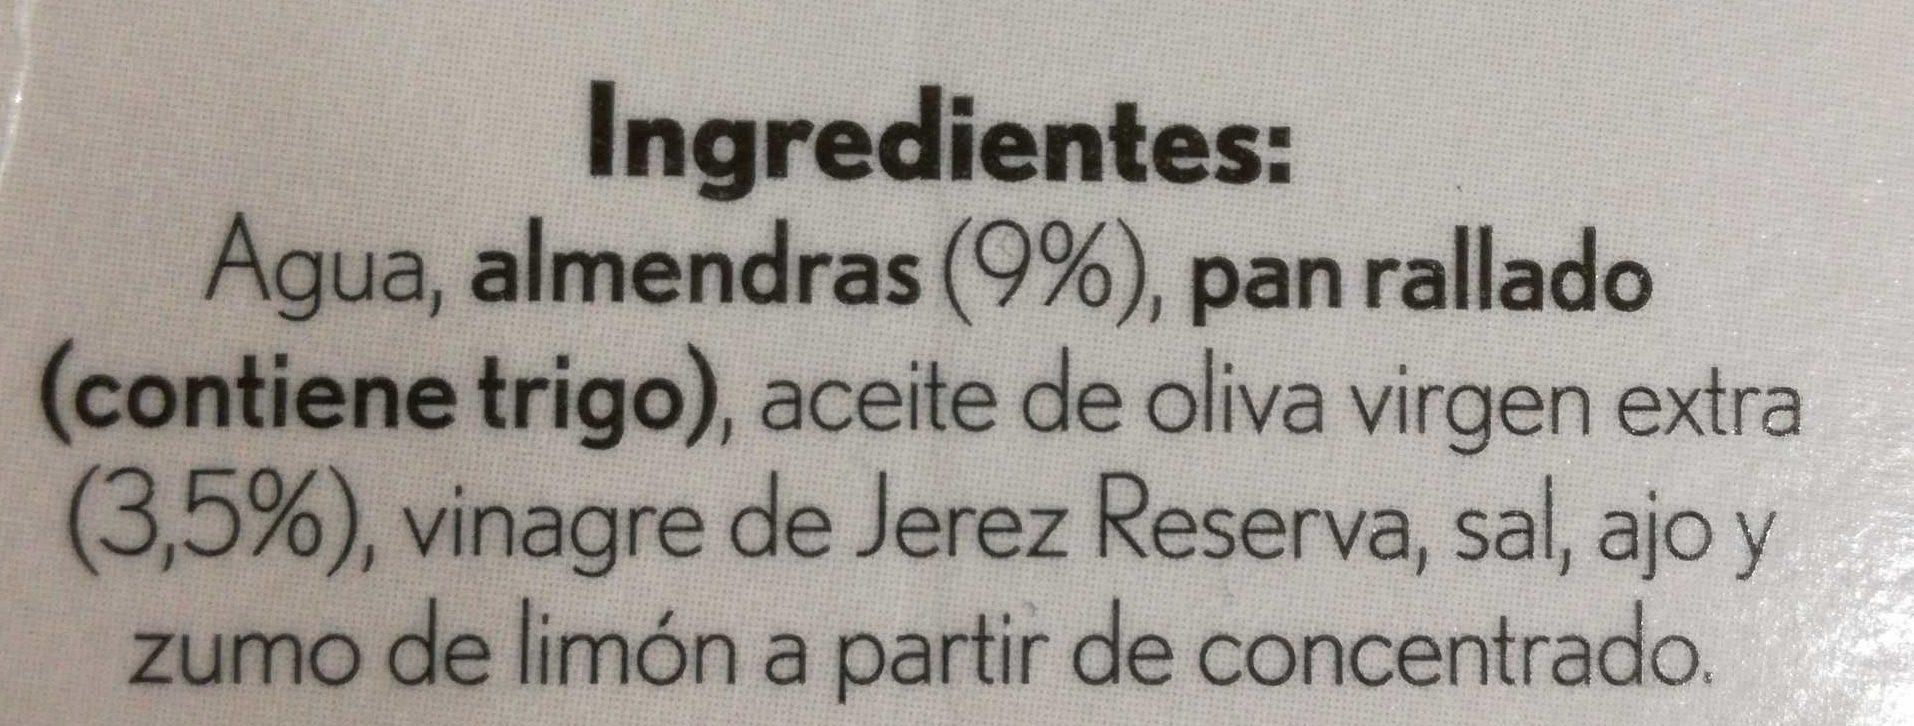 Gazpacho blanco de almendras - Ingredientes - es